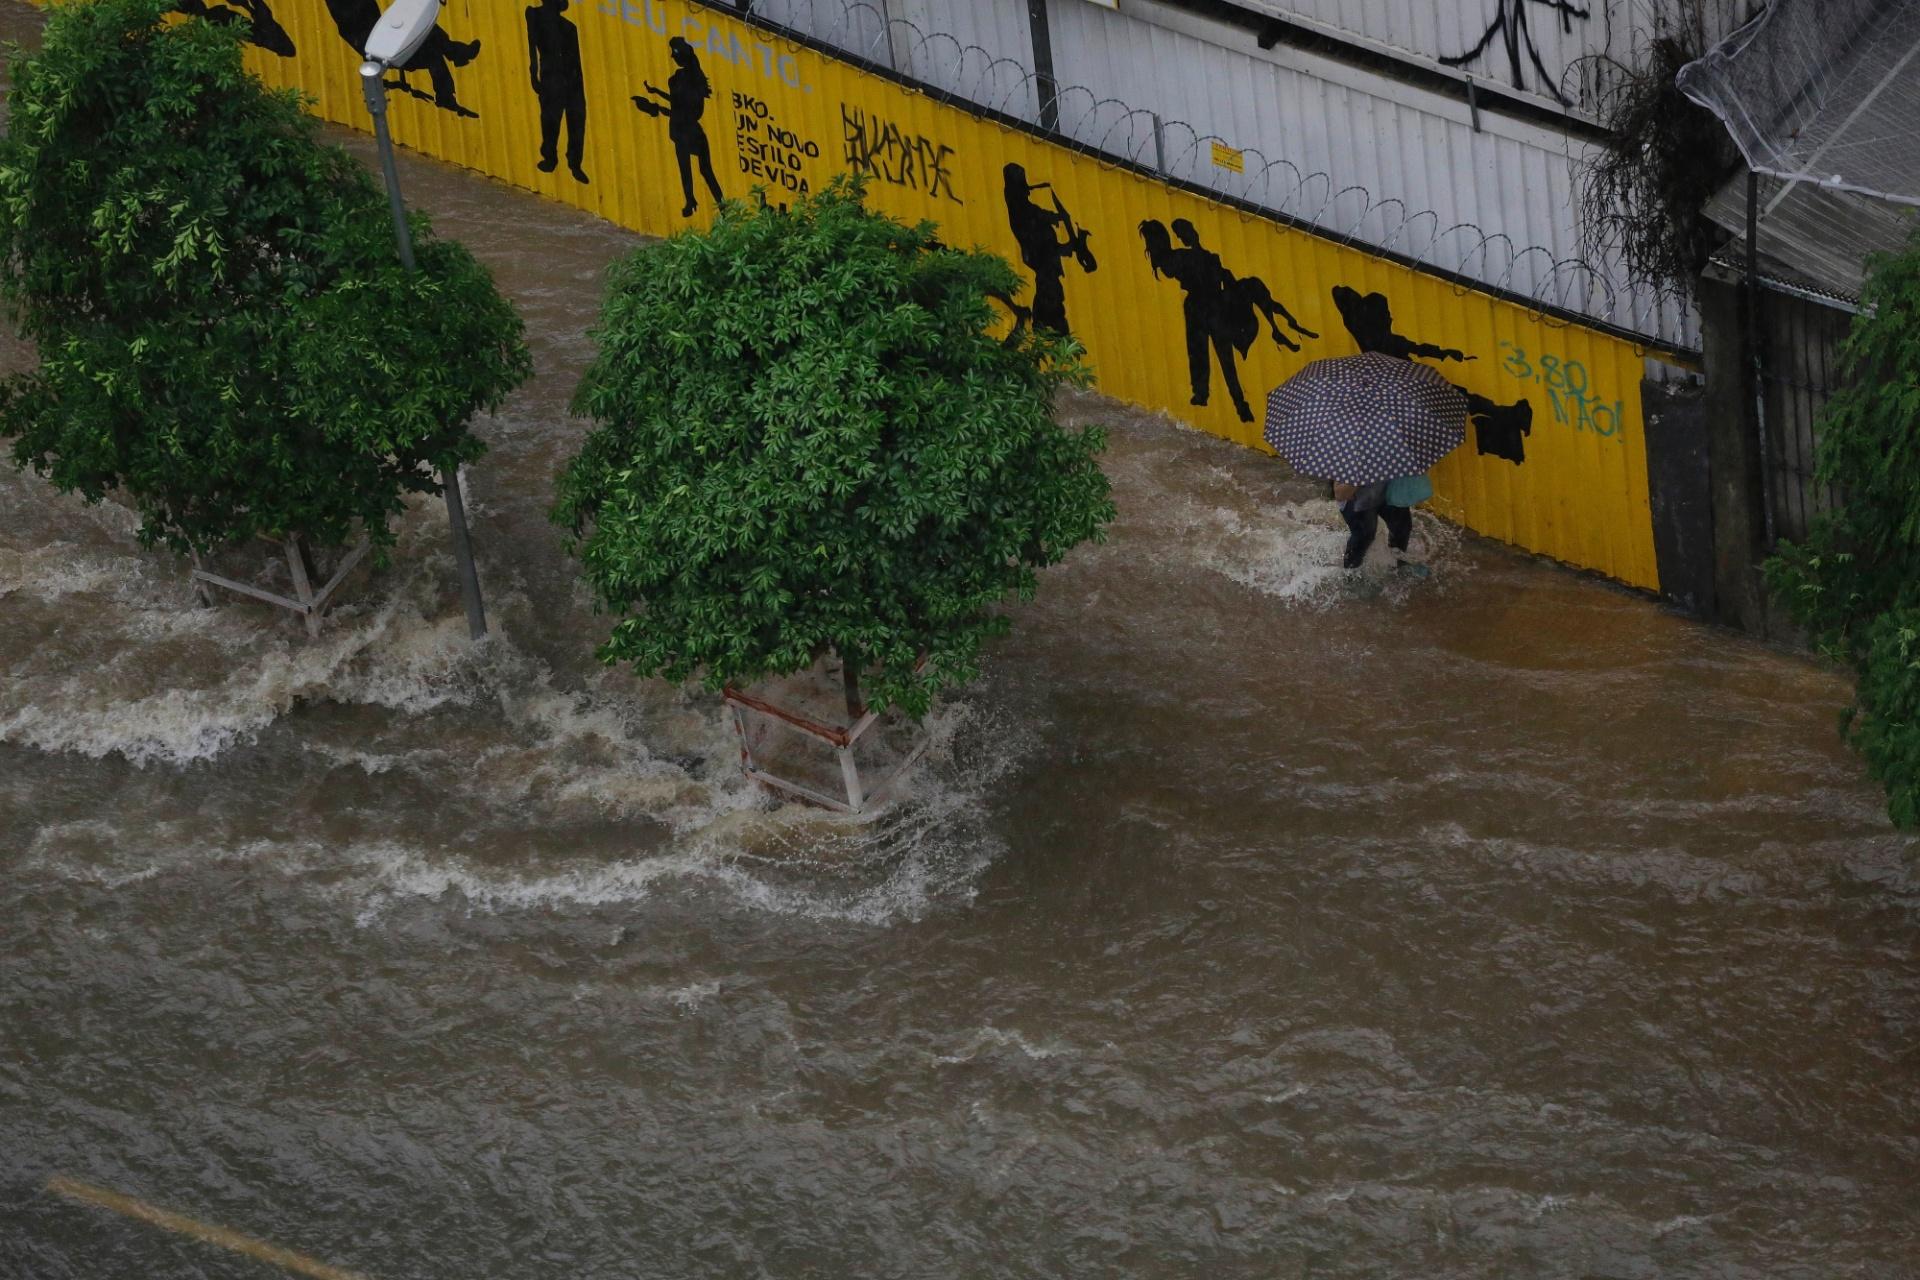 a71a7b8be Chuva deixa a cidade de São Paulo em estado de atenção para alagamentos